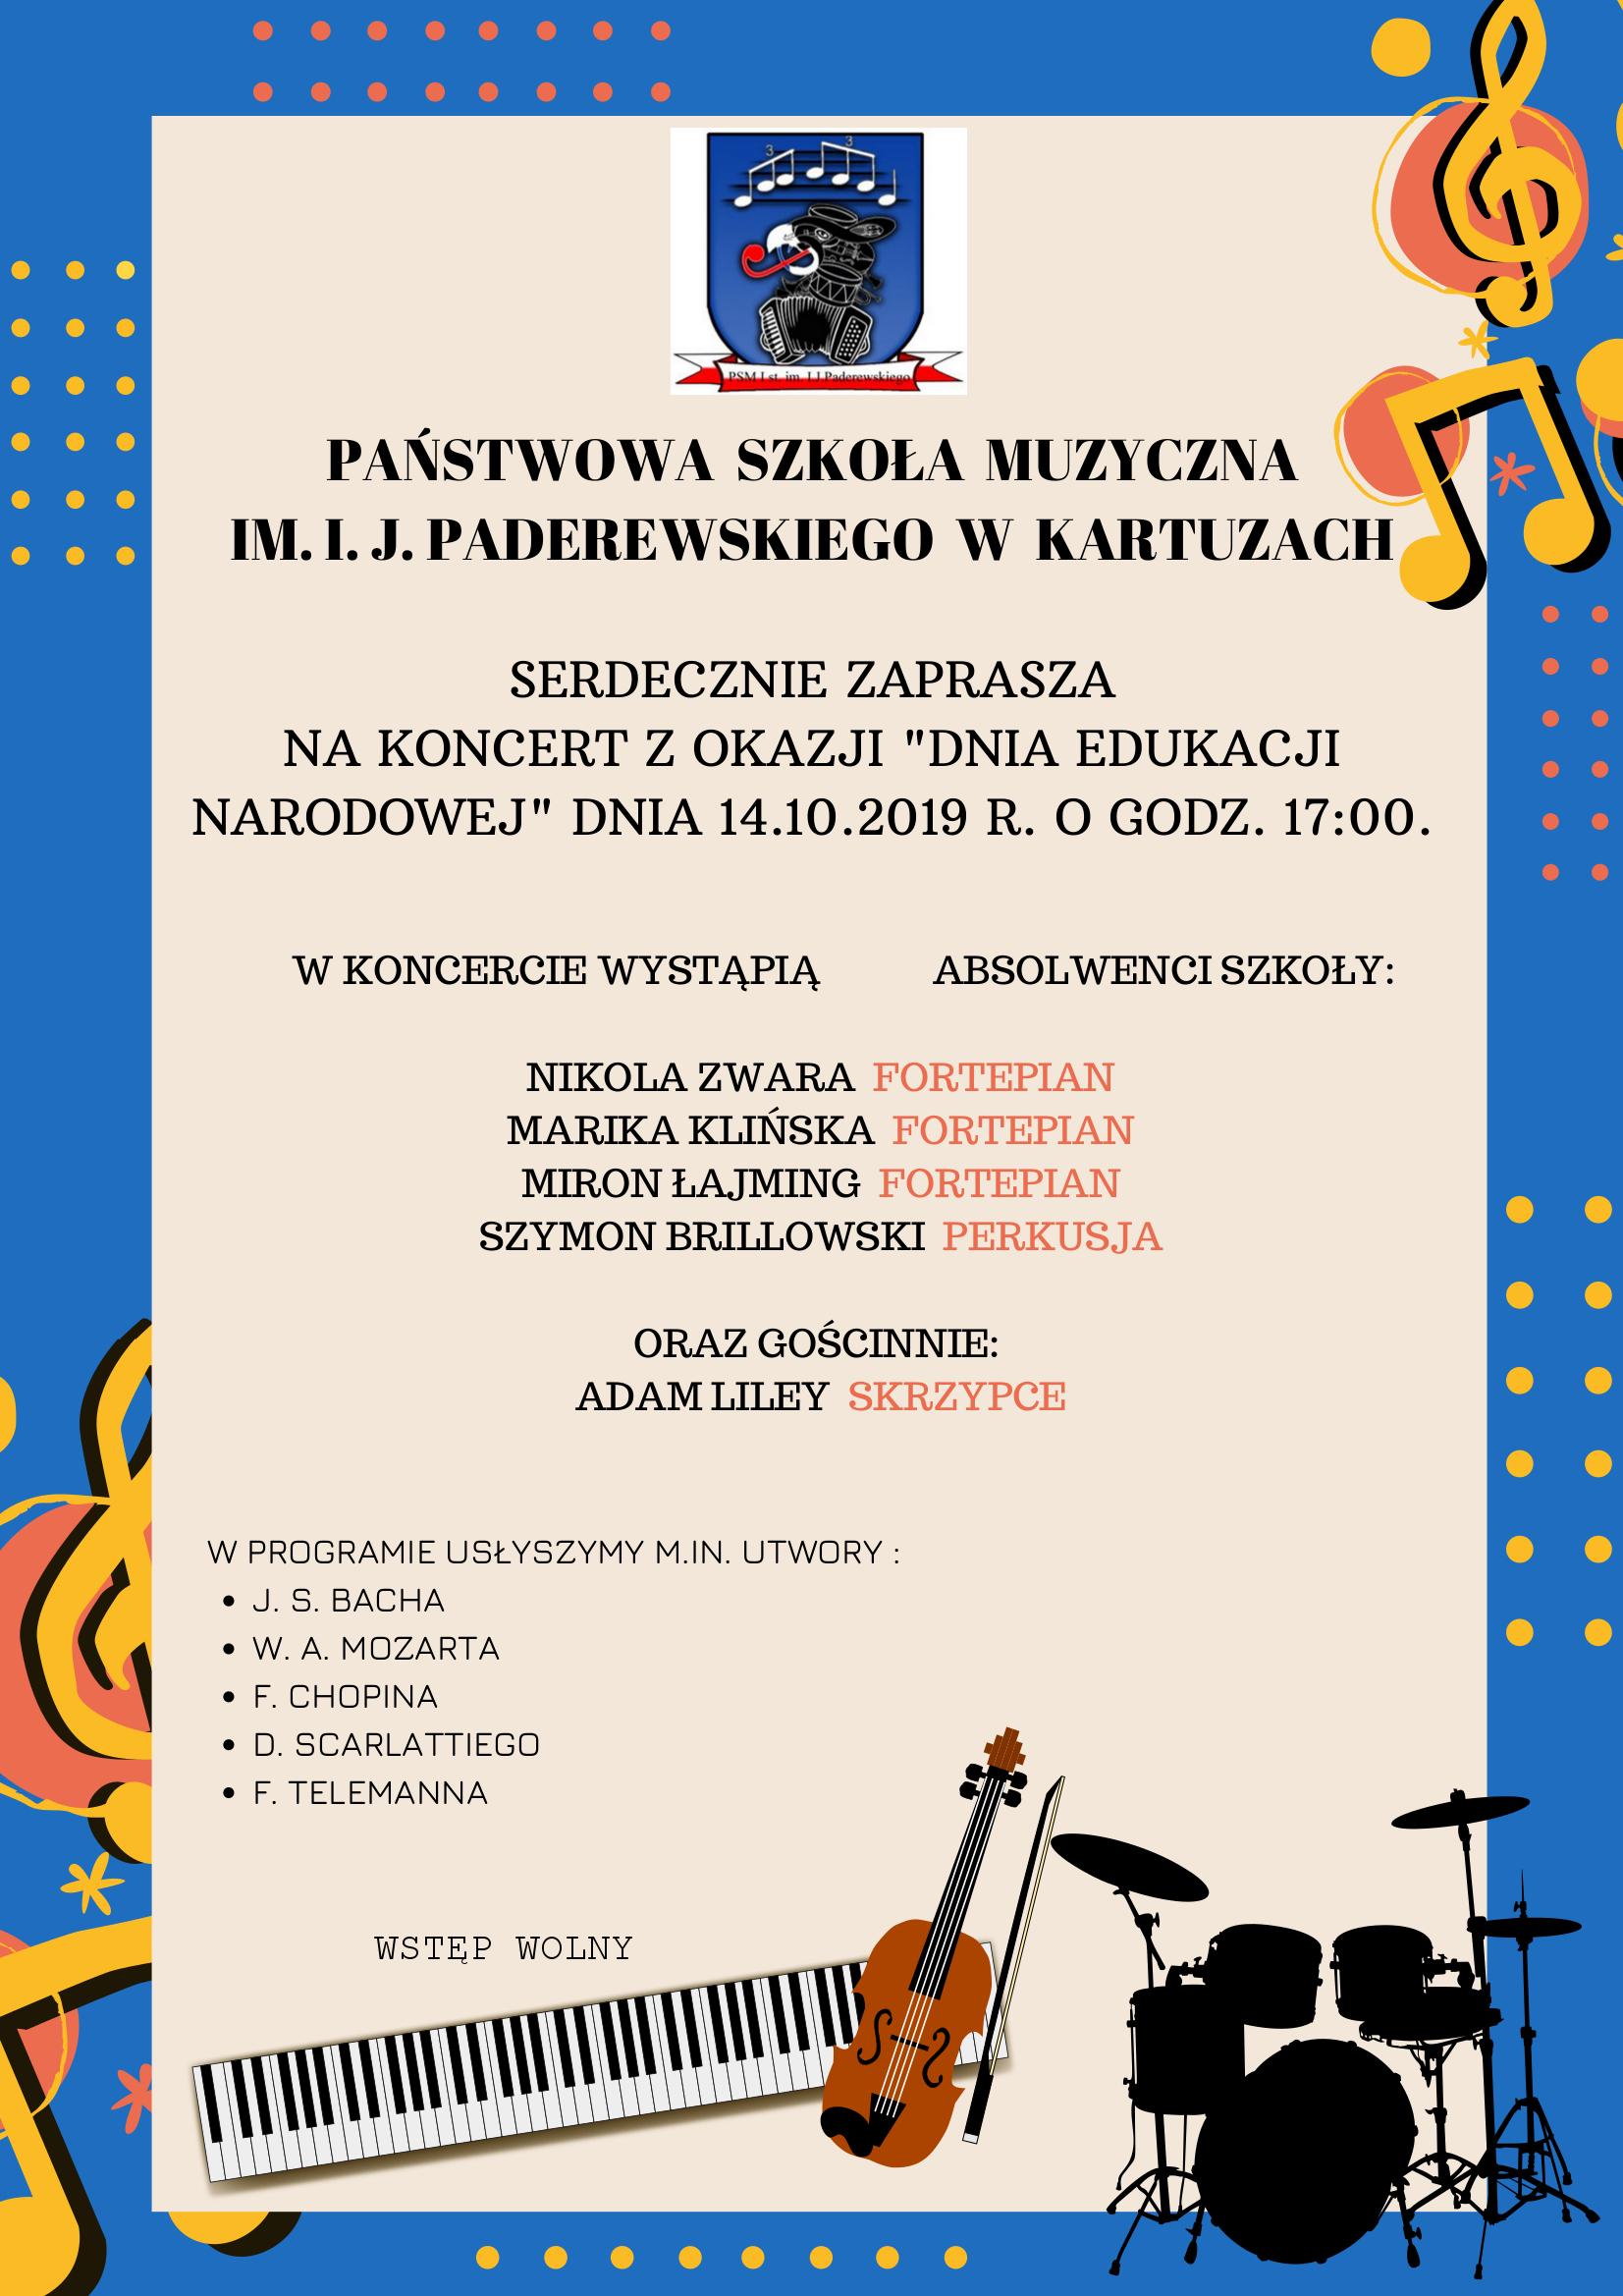 Koncert na Dzień Edukacji Narodowej - Kartuzy